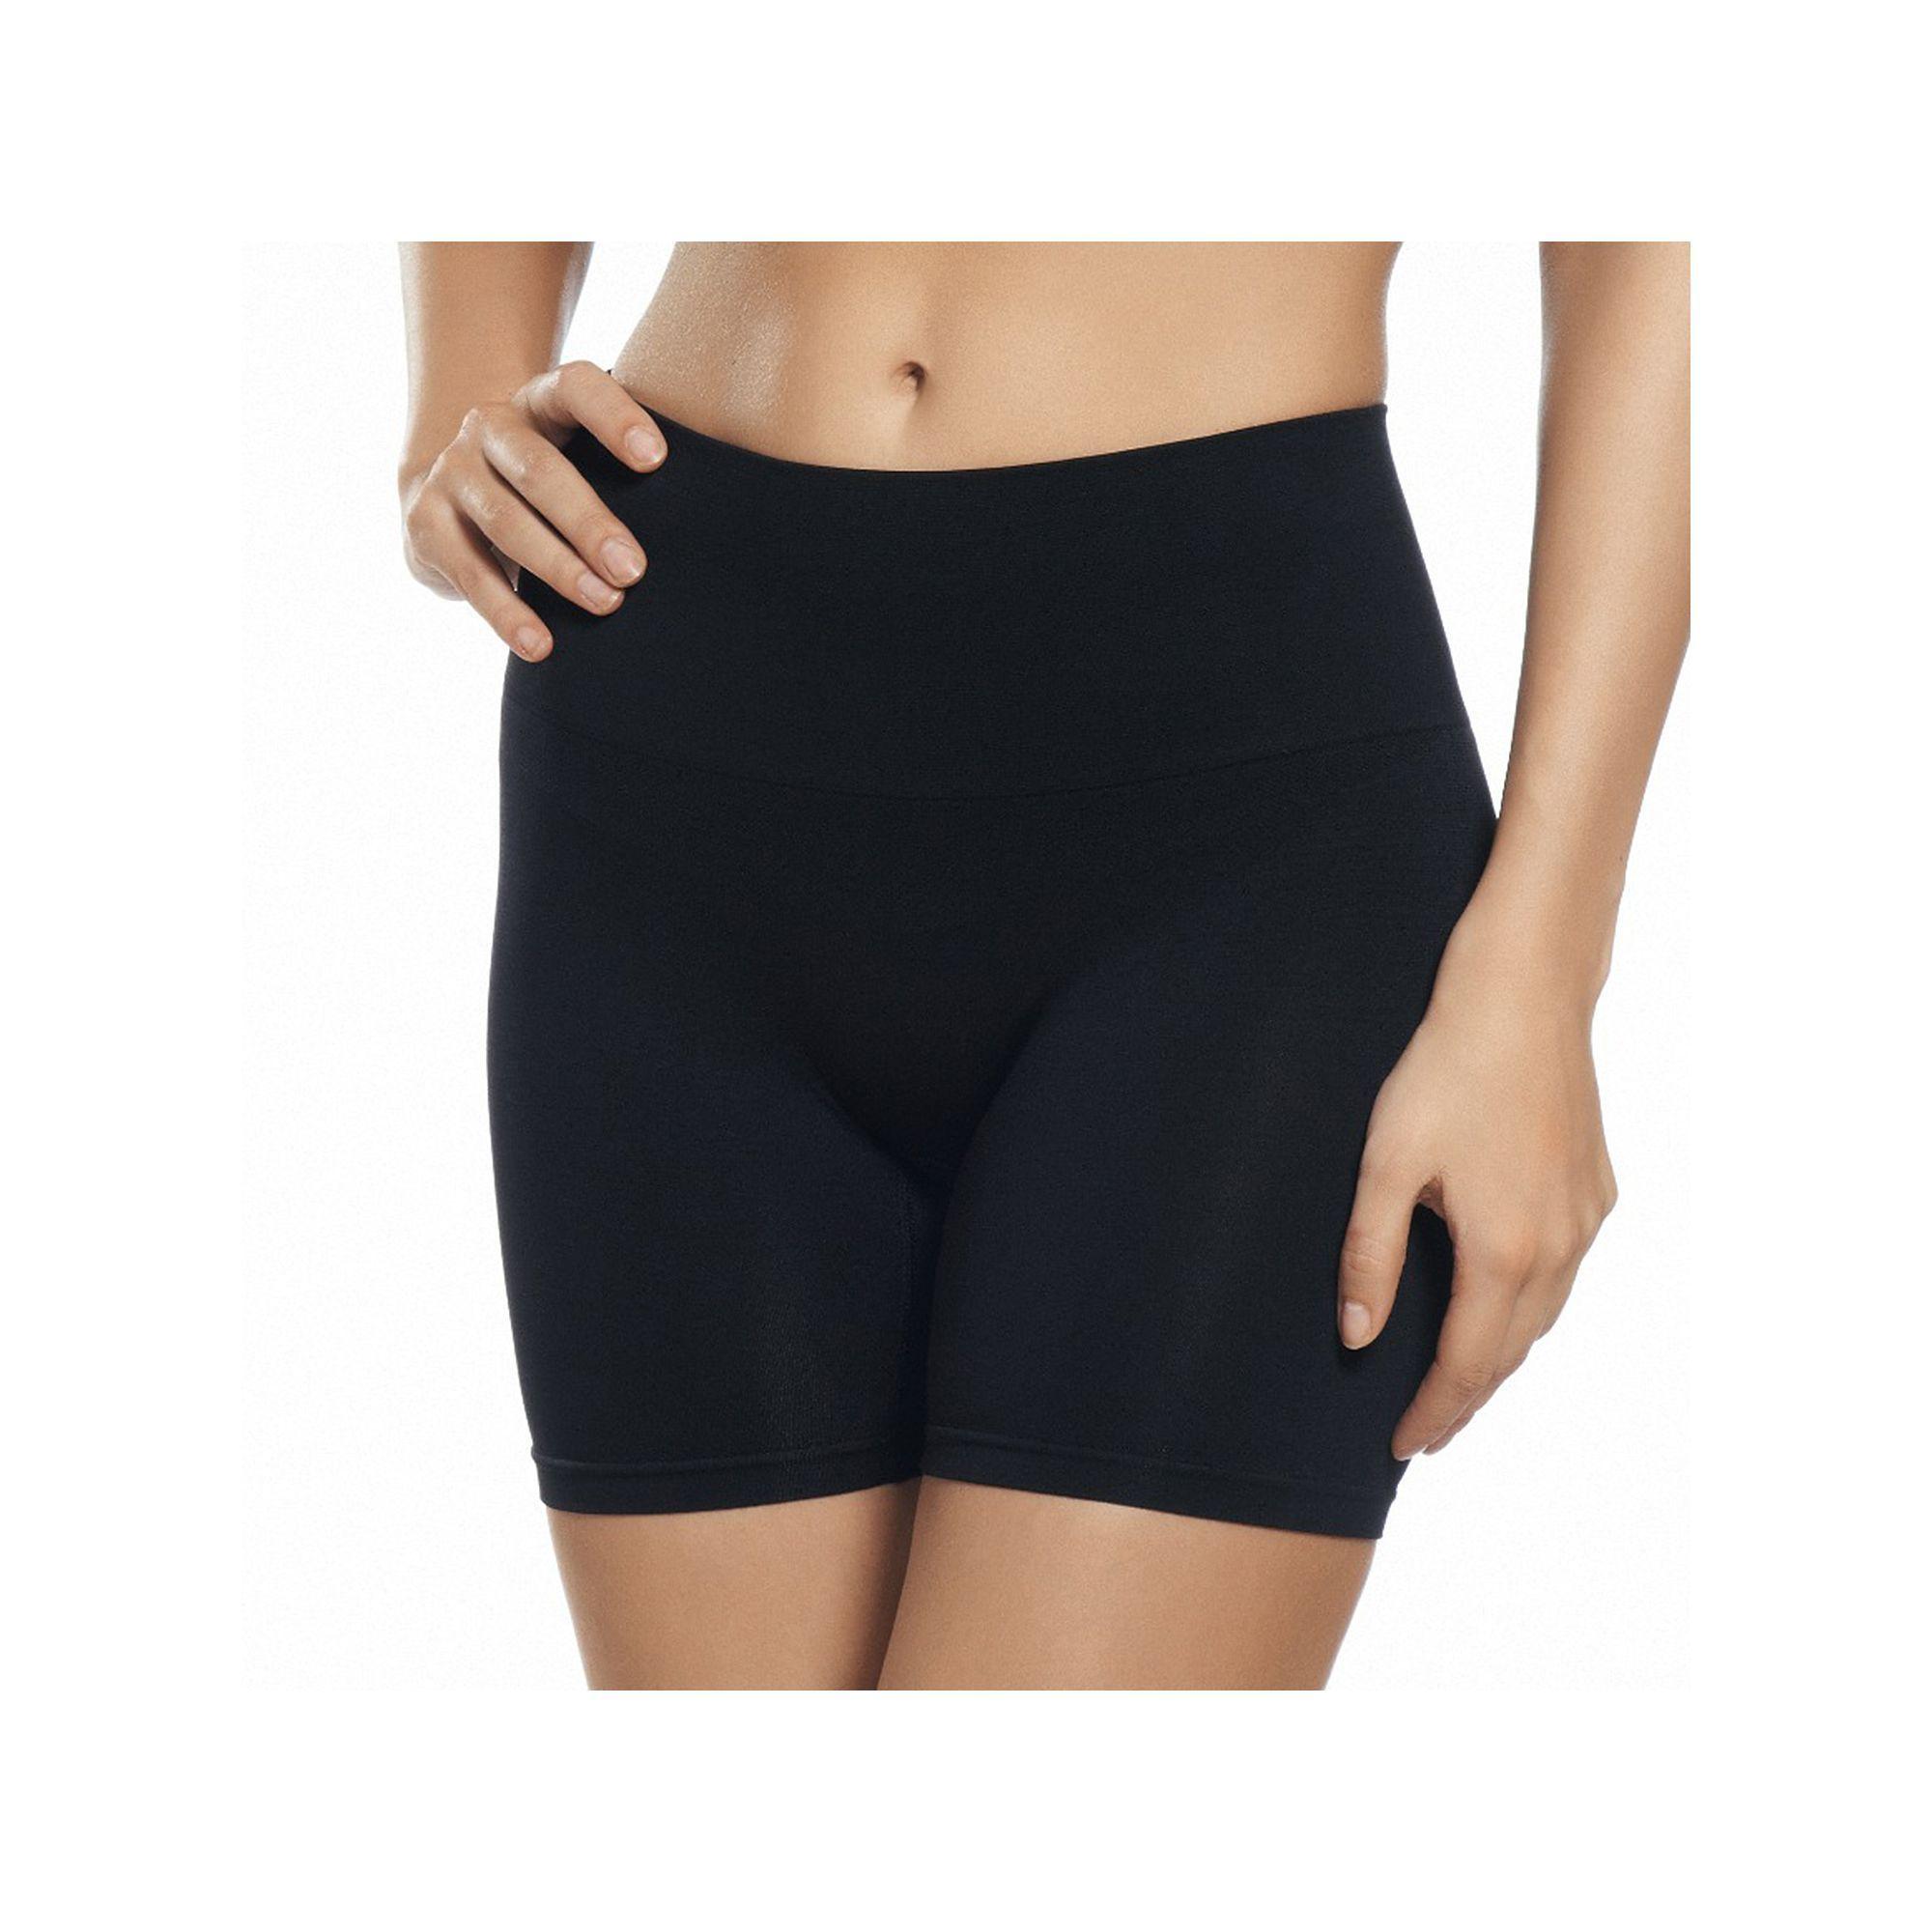 44faa2fd4c4 Jockey Slimmers Seamfree Shapewear Shorts 4136